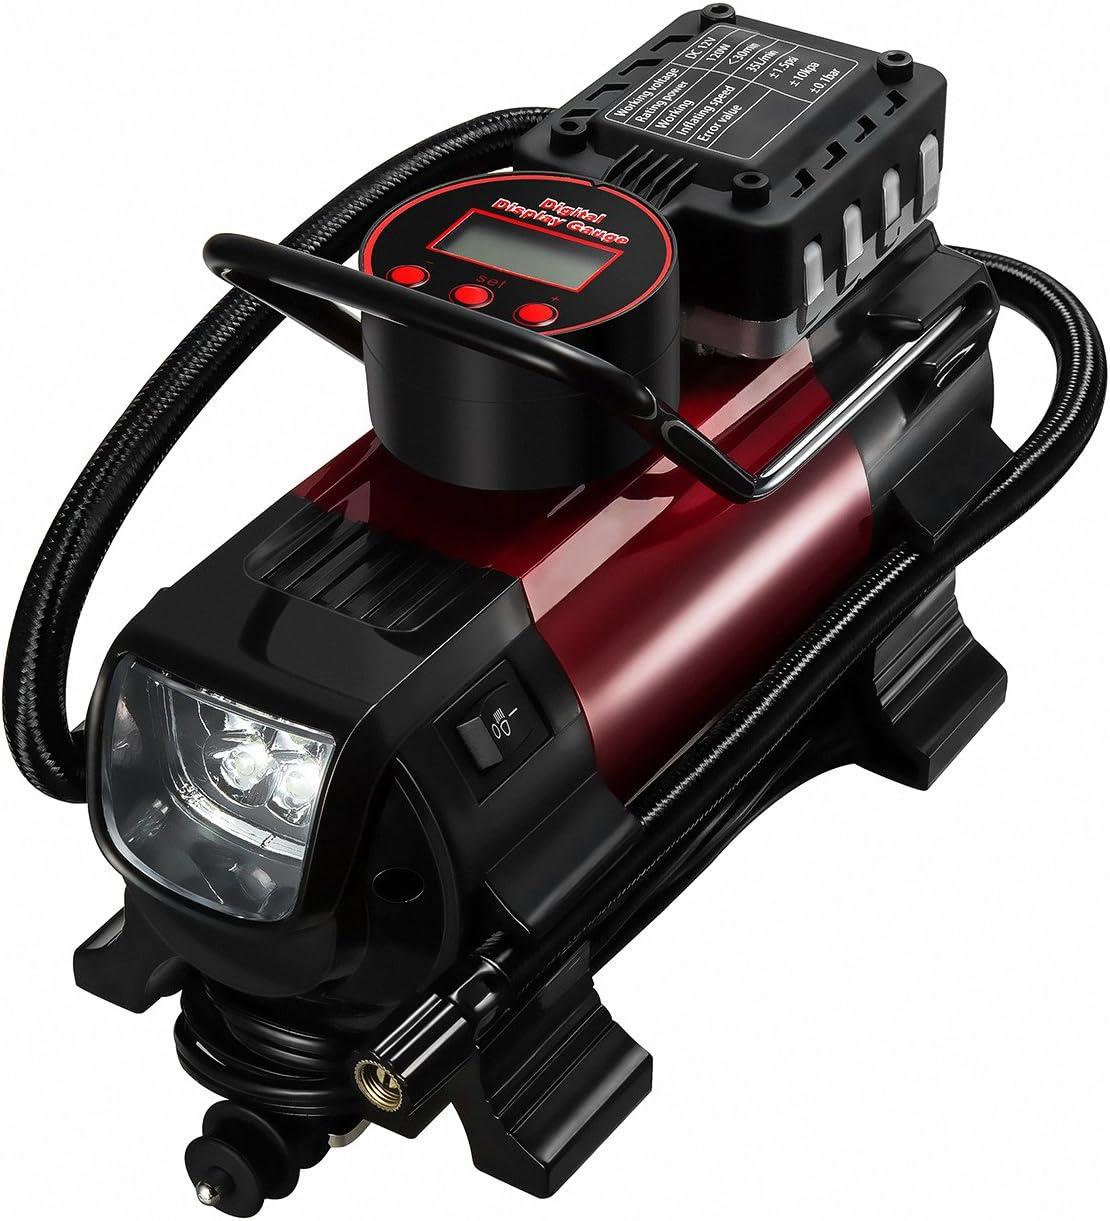 omorc Bomba multifonctionnelle portátil 12 V DC para compresores de aire de metal para coches, motos, globos, de deporte y otros artículos hinchables